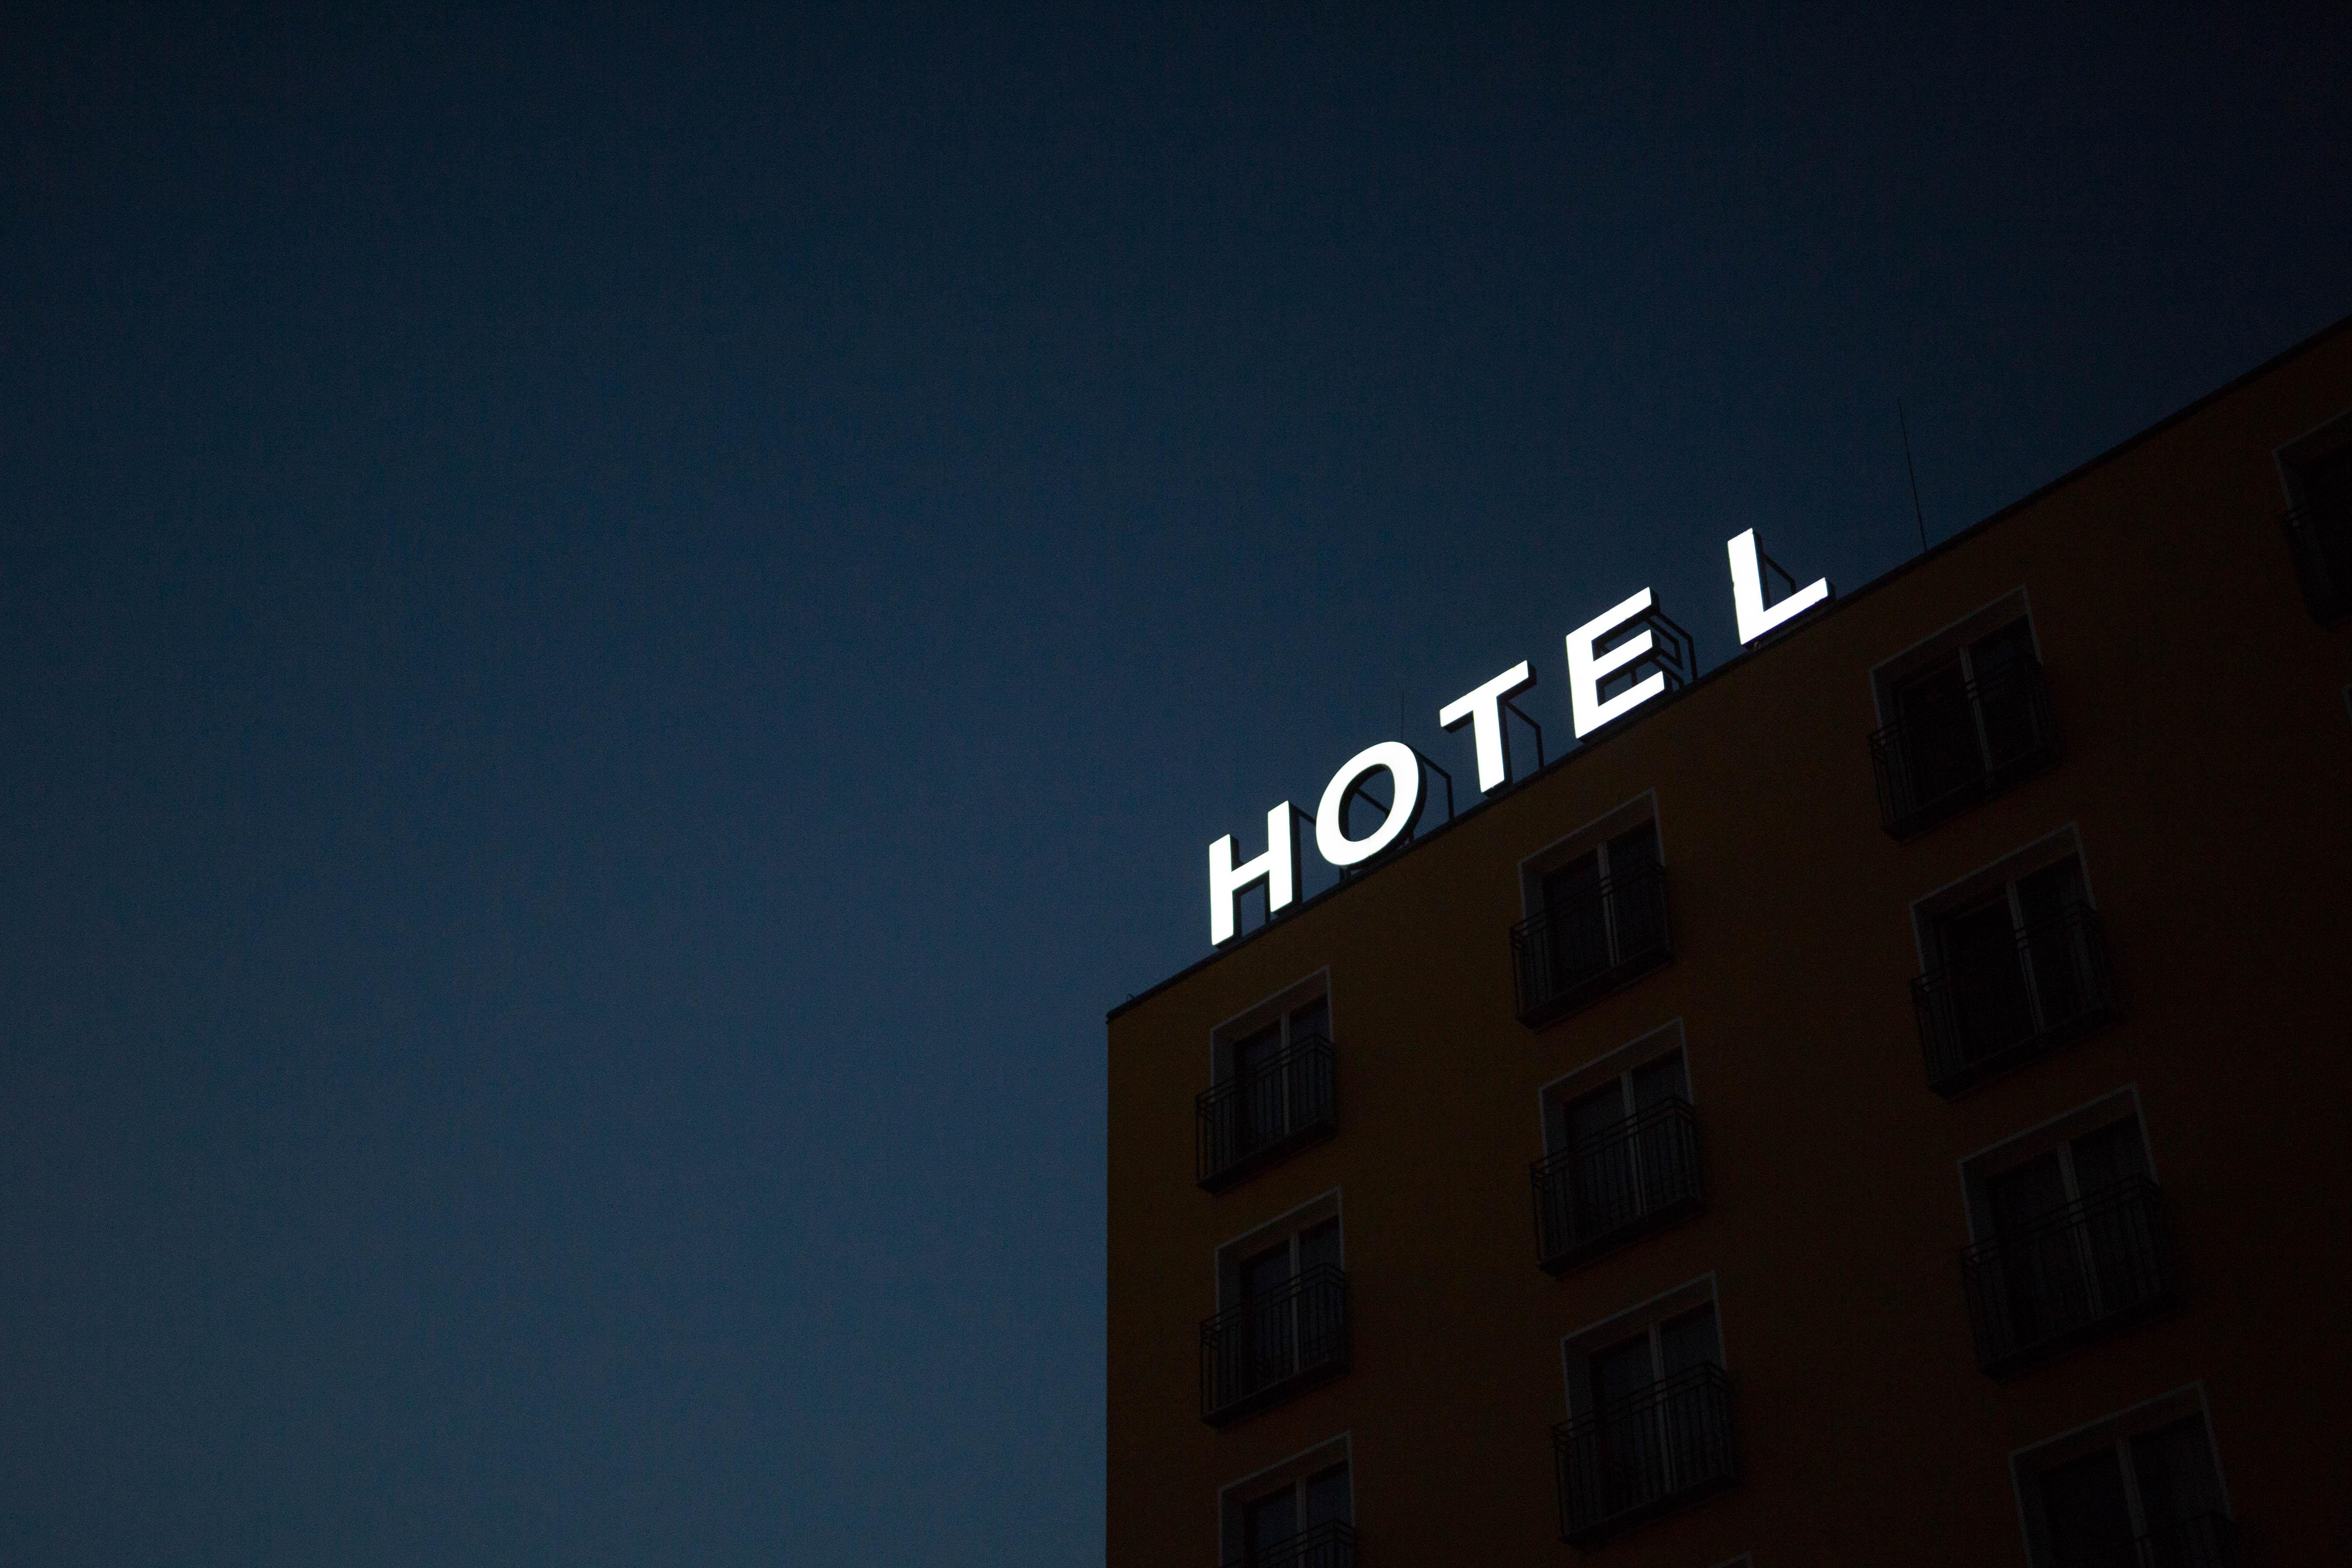 """Néon """"Hotel"""" en haut d'un immeuble, la nuit"""